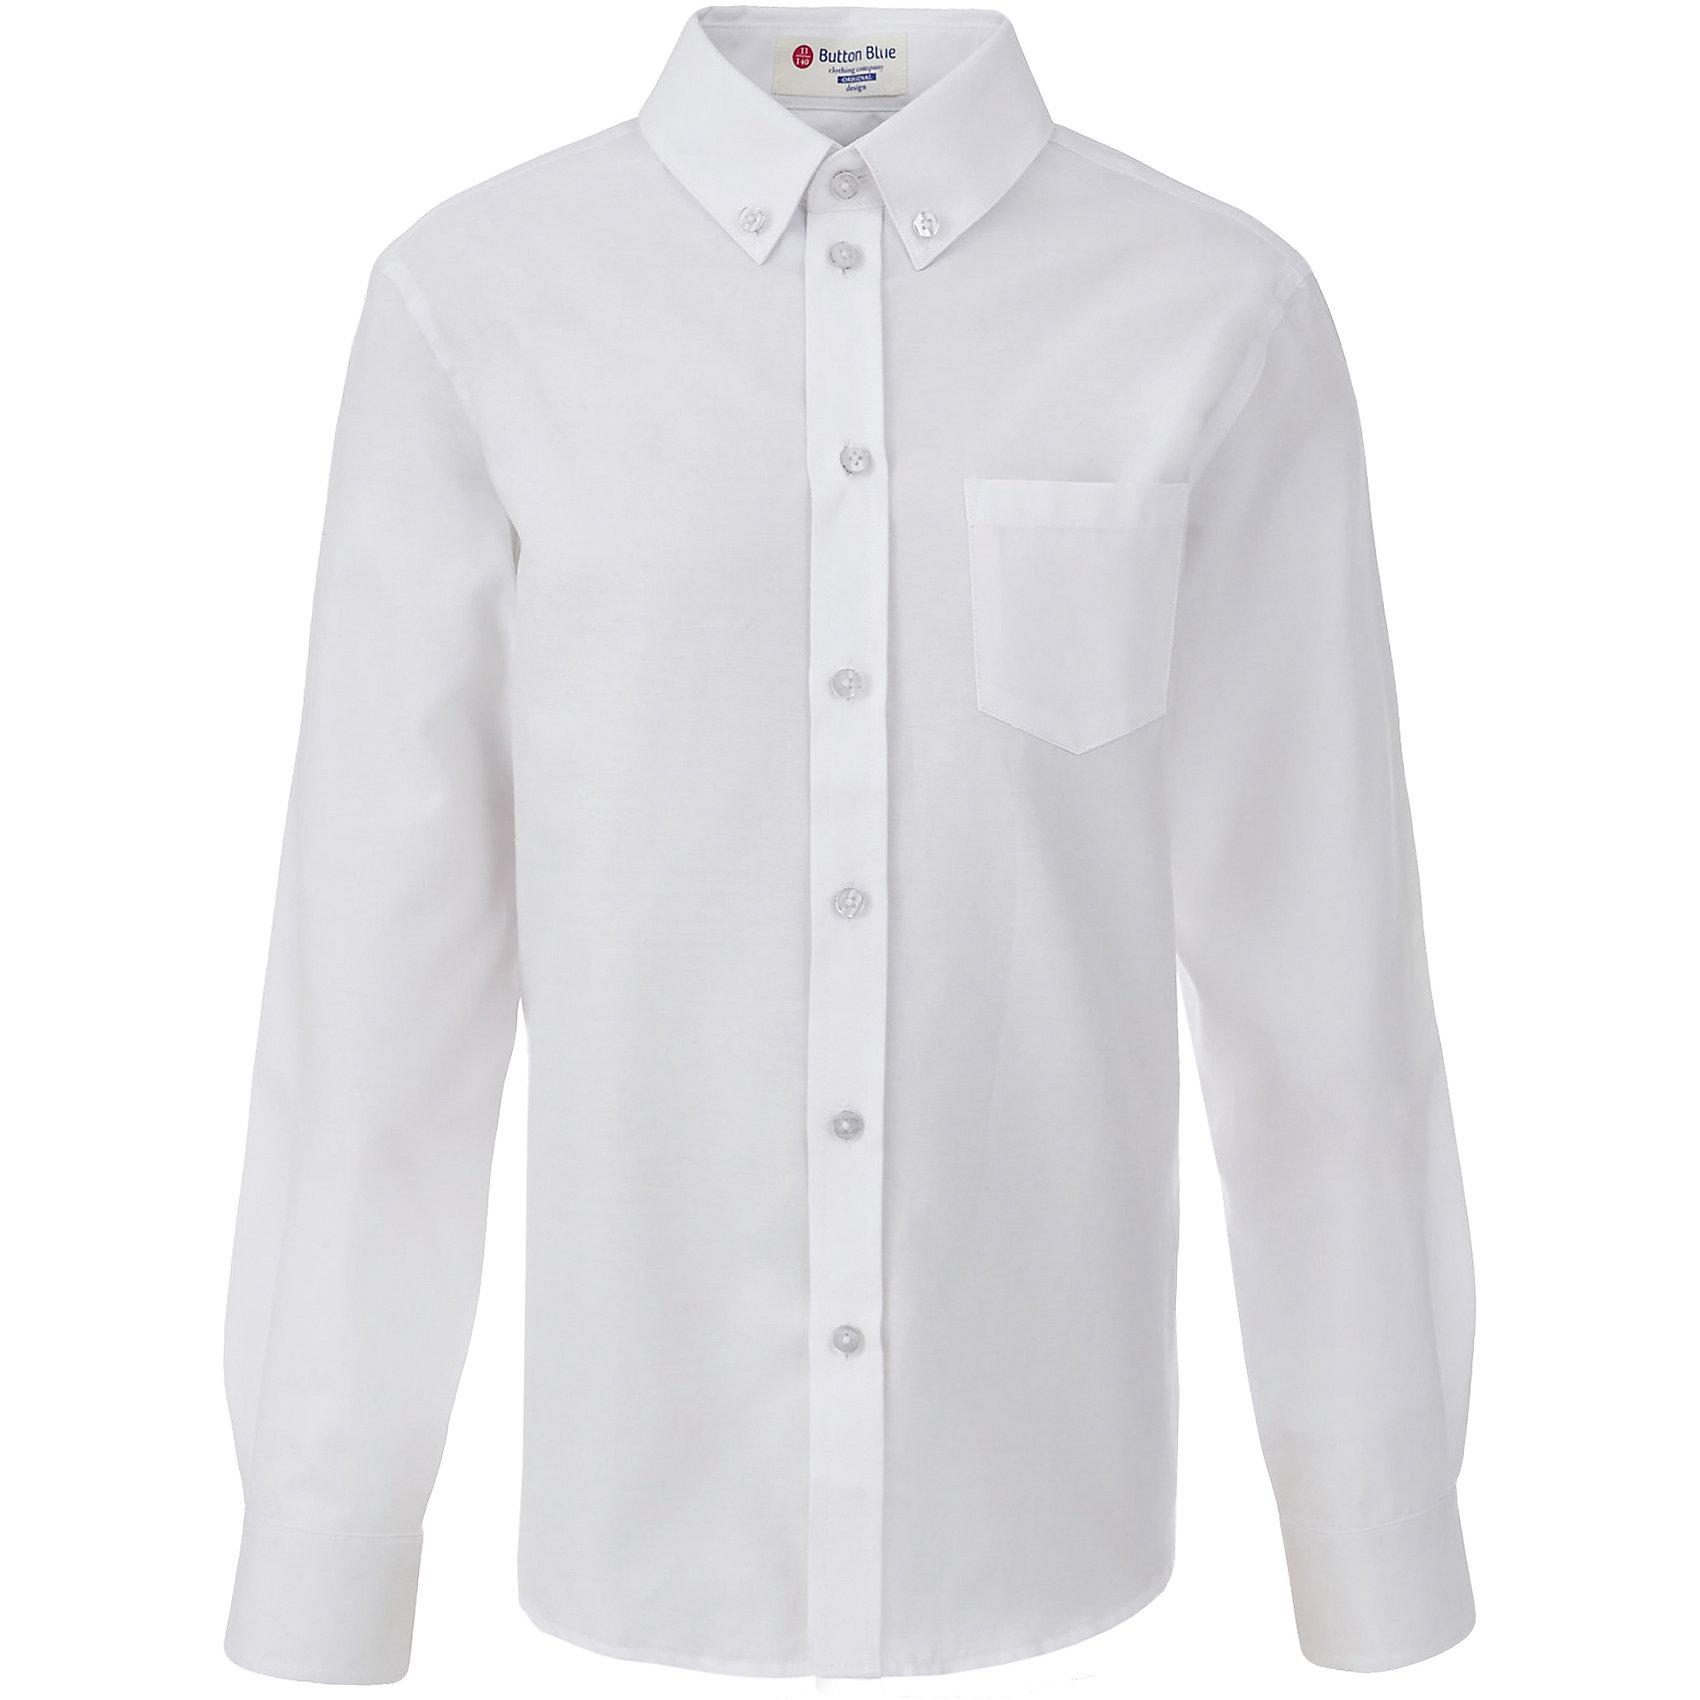 Рубашка для мальчика BUTTON BLUEБлузки и рубашки<br>Рубашка для мальчика BUTTON BLUE<br>Рубашка для мальчика - основа повседневного школьного образа! Школьные рубашки от Button Blue - это качество и комфорт, отличный внешний вид, удобство в уходе, высокая износостойкость. Какая детская рубашка для школы займет место в гардеробе вашего ребенка - зависит только от вас! Готовясь к школьному сезону, вам стоит купить рубашки в трех-четырех цветах, чтобы разнообразить будни ученика.<br>Состав:<br>60% хлопок                40% полиэстер<br><br>Ширина мм: 174<br>Глубина мм: 10<br>Высота мм: 169<br>Вес г: 157<br>Цвет: белый<br>Возраст от месяцев: 72<br>Возраст до месяцев: 84<br>Пол: Мужской<br>Возраст: Детский<br>Размер: 122,164,128,134,140,146,152,158<br>SKU: 6739153